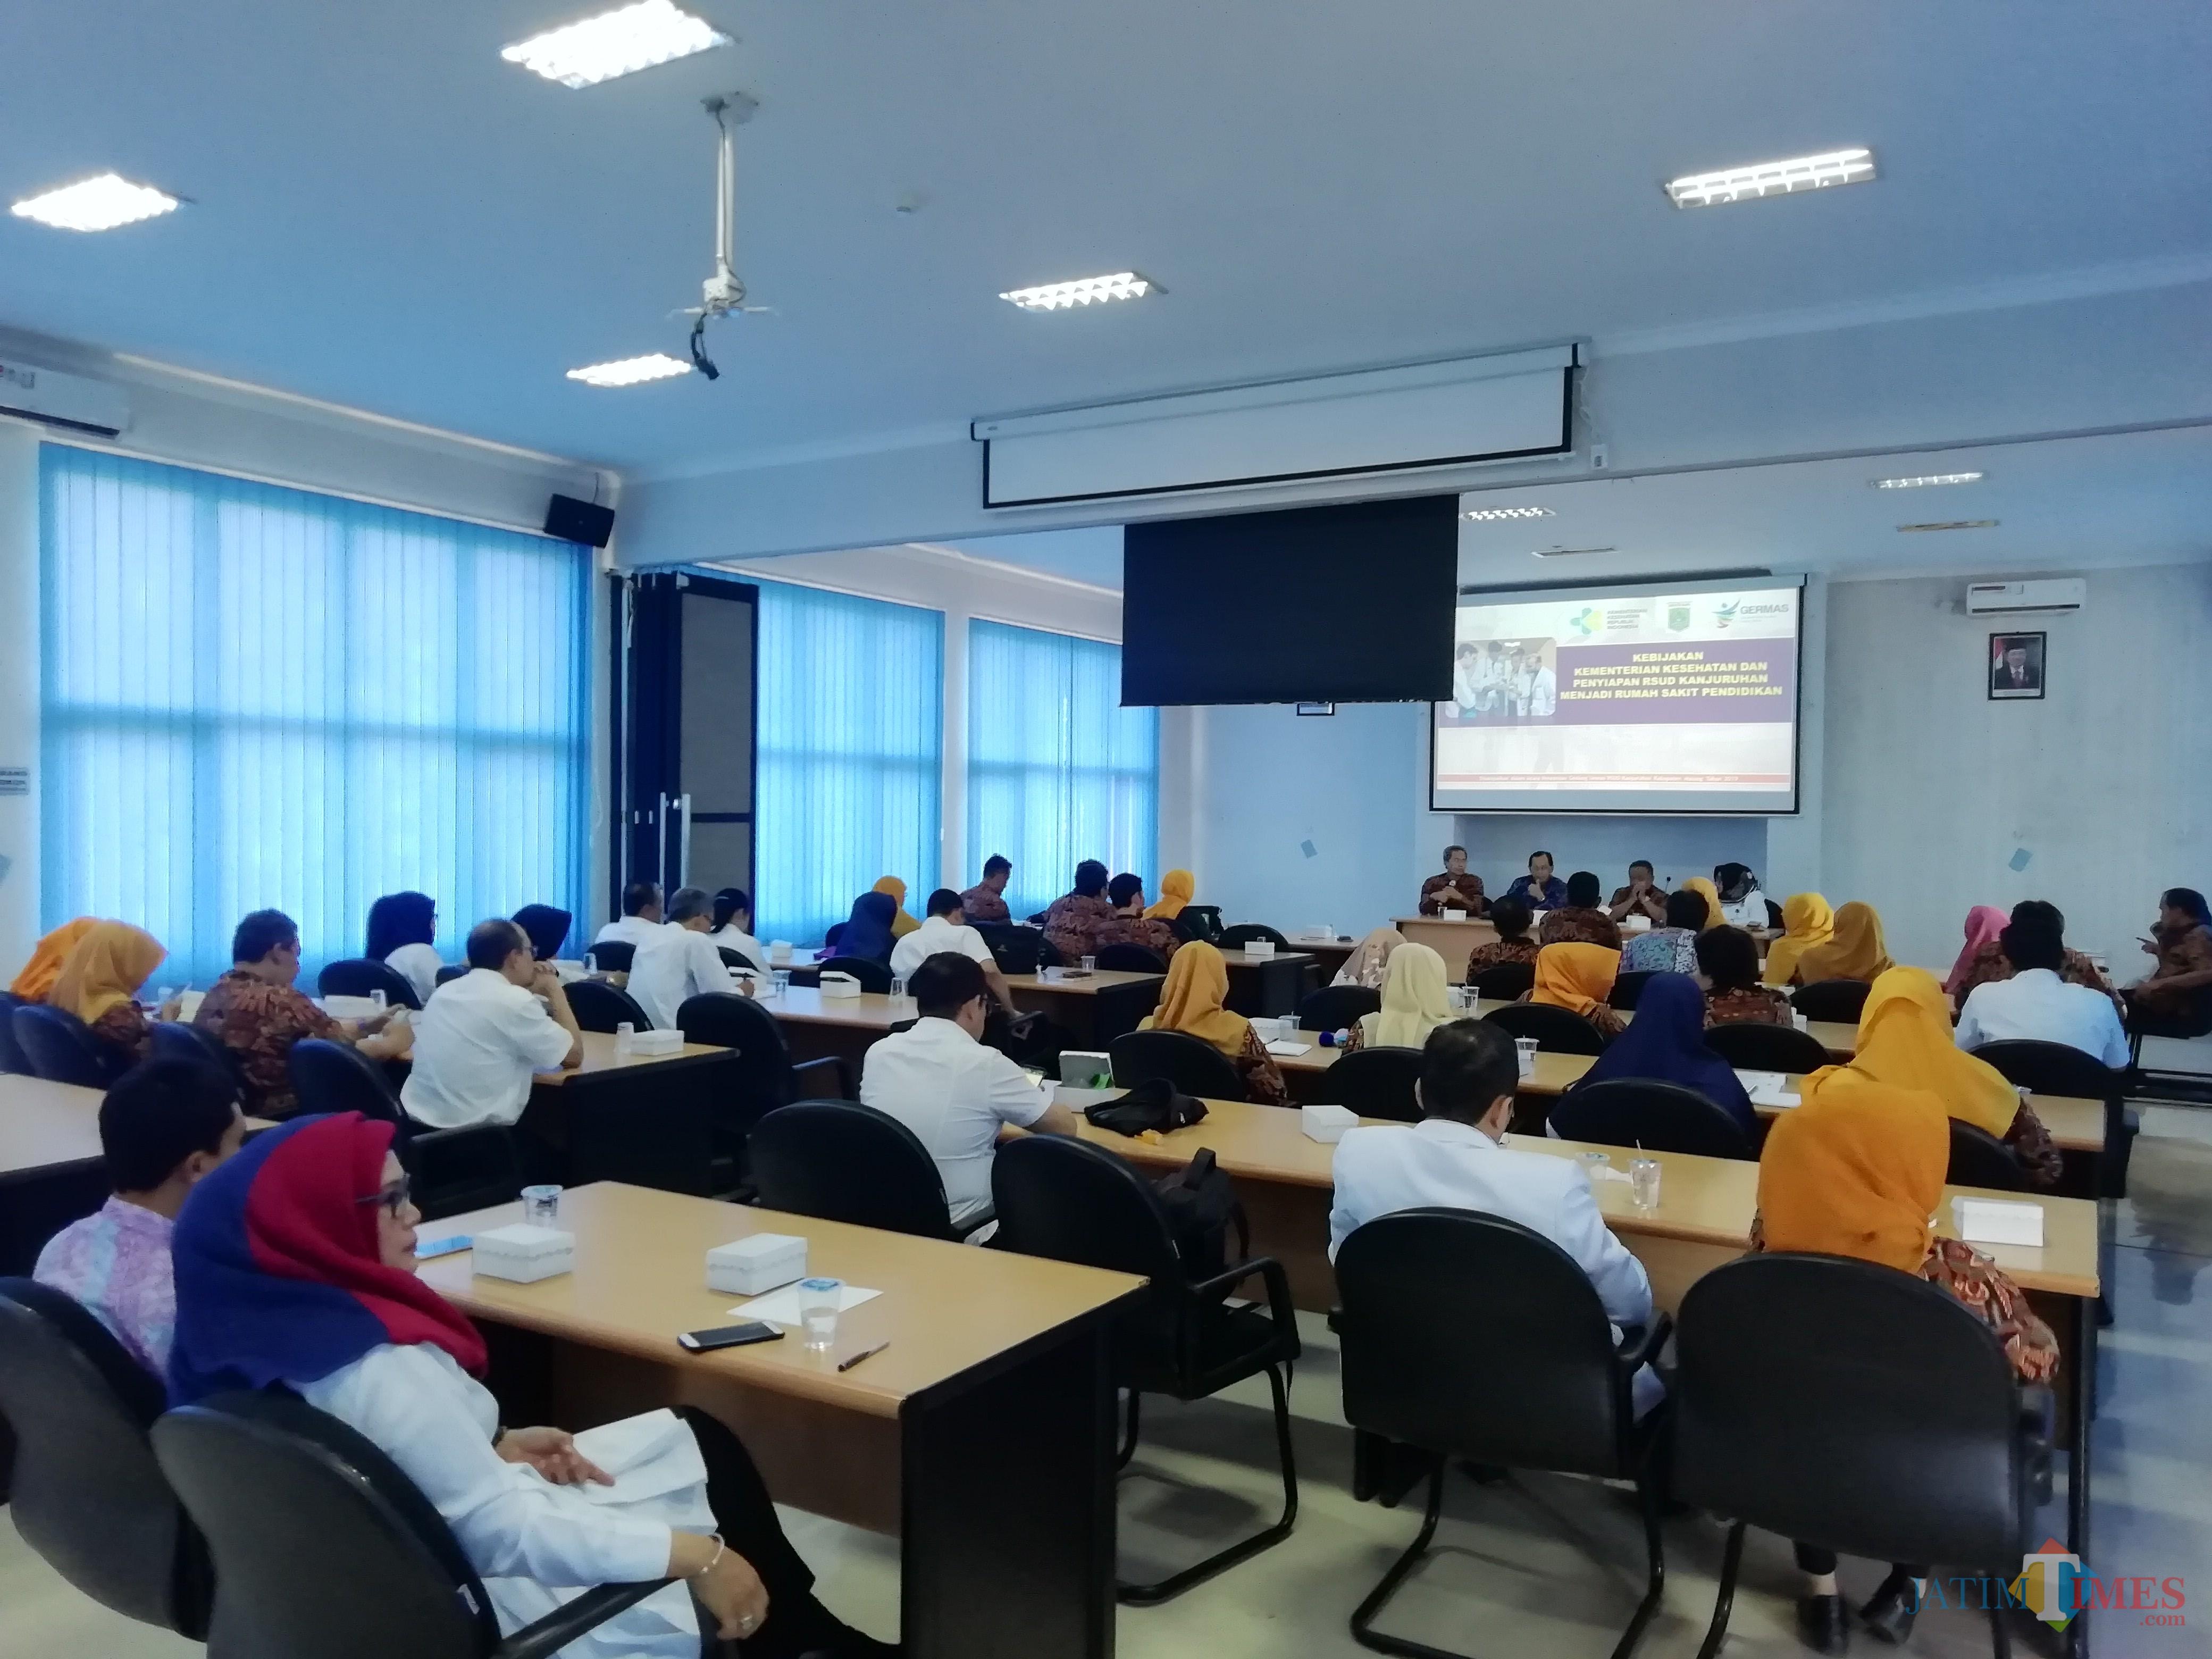 Proses persiapan RSUD Kanjuruhan mendirikan RS Pendidikan. Dewan Pengawas RS hadir memberikan sosialisasi terkait hal itu. (Nana)